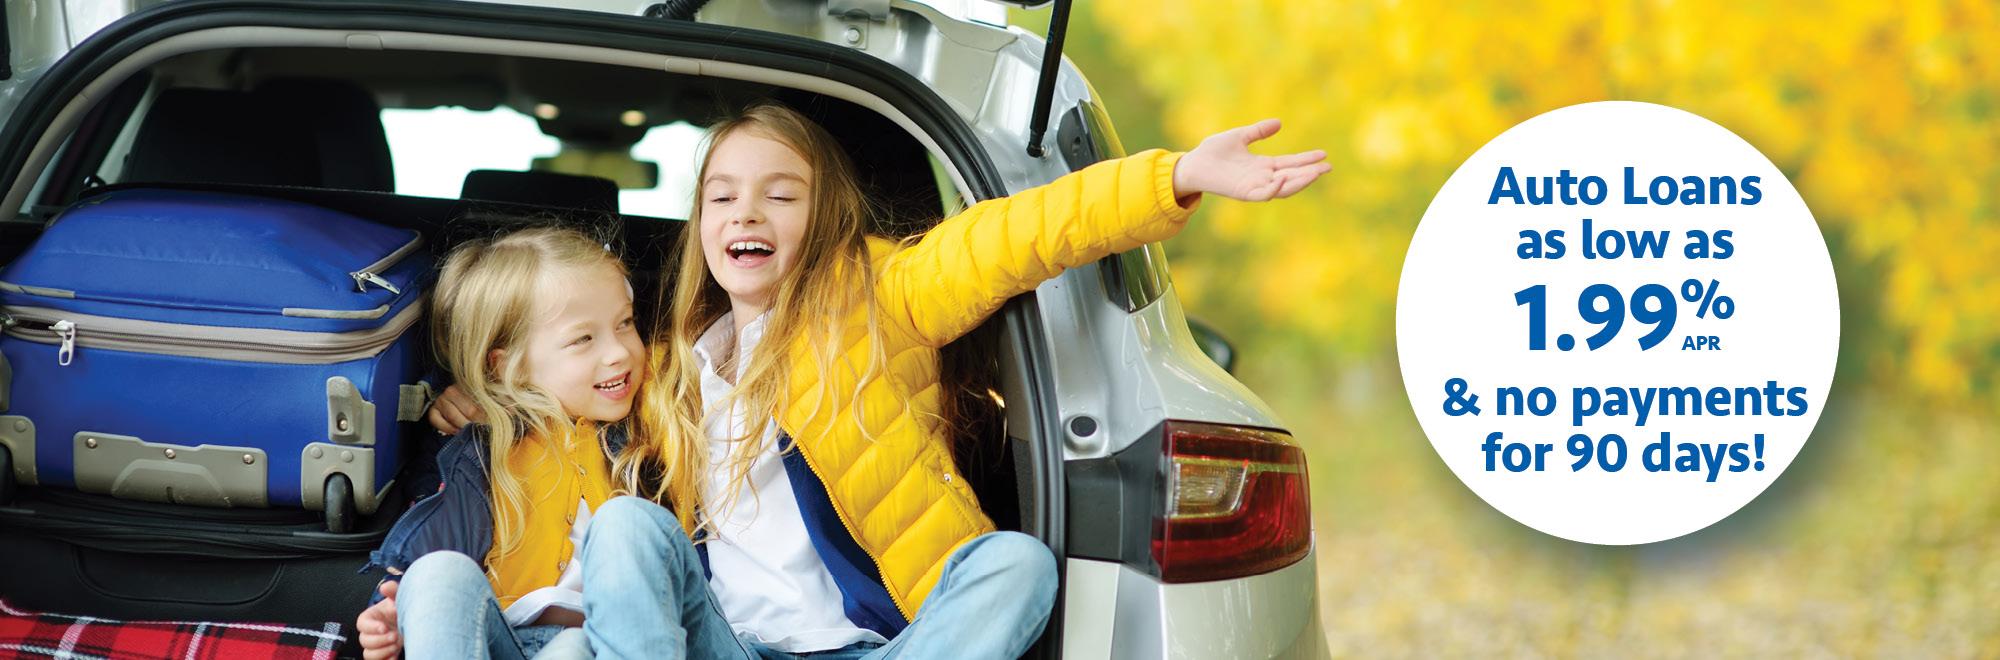 Auto loan as low as 1.99% APR